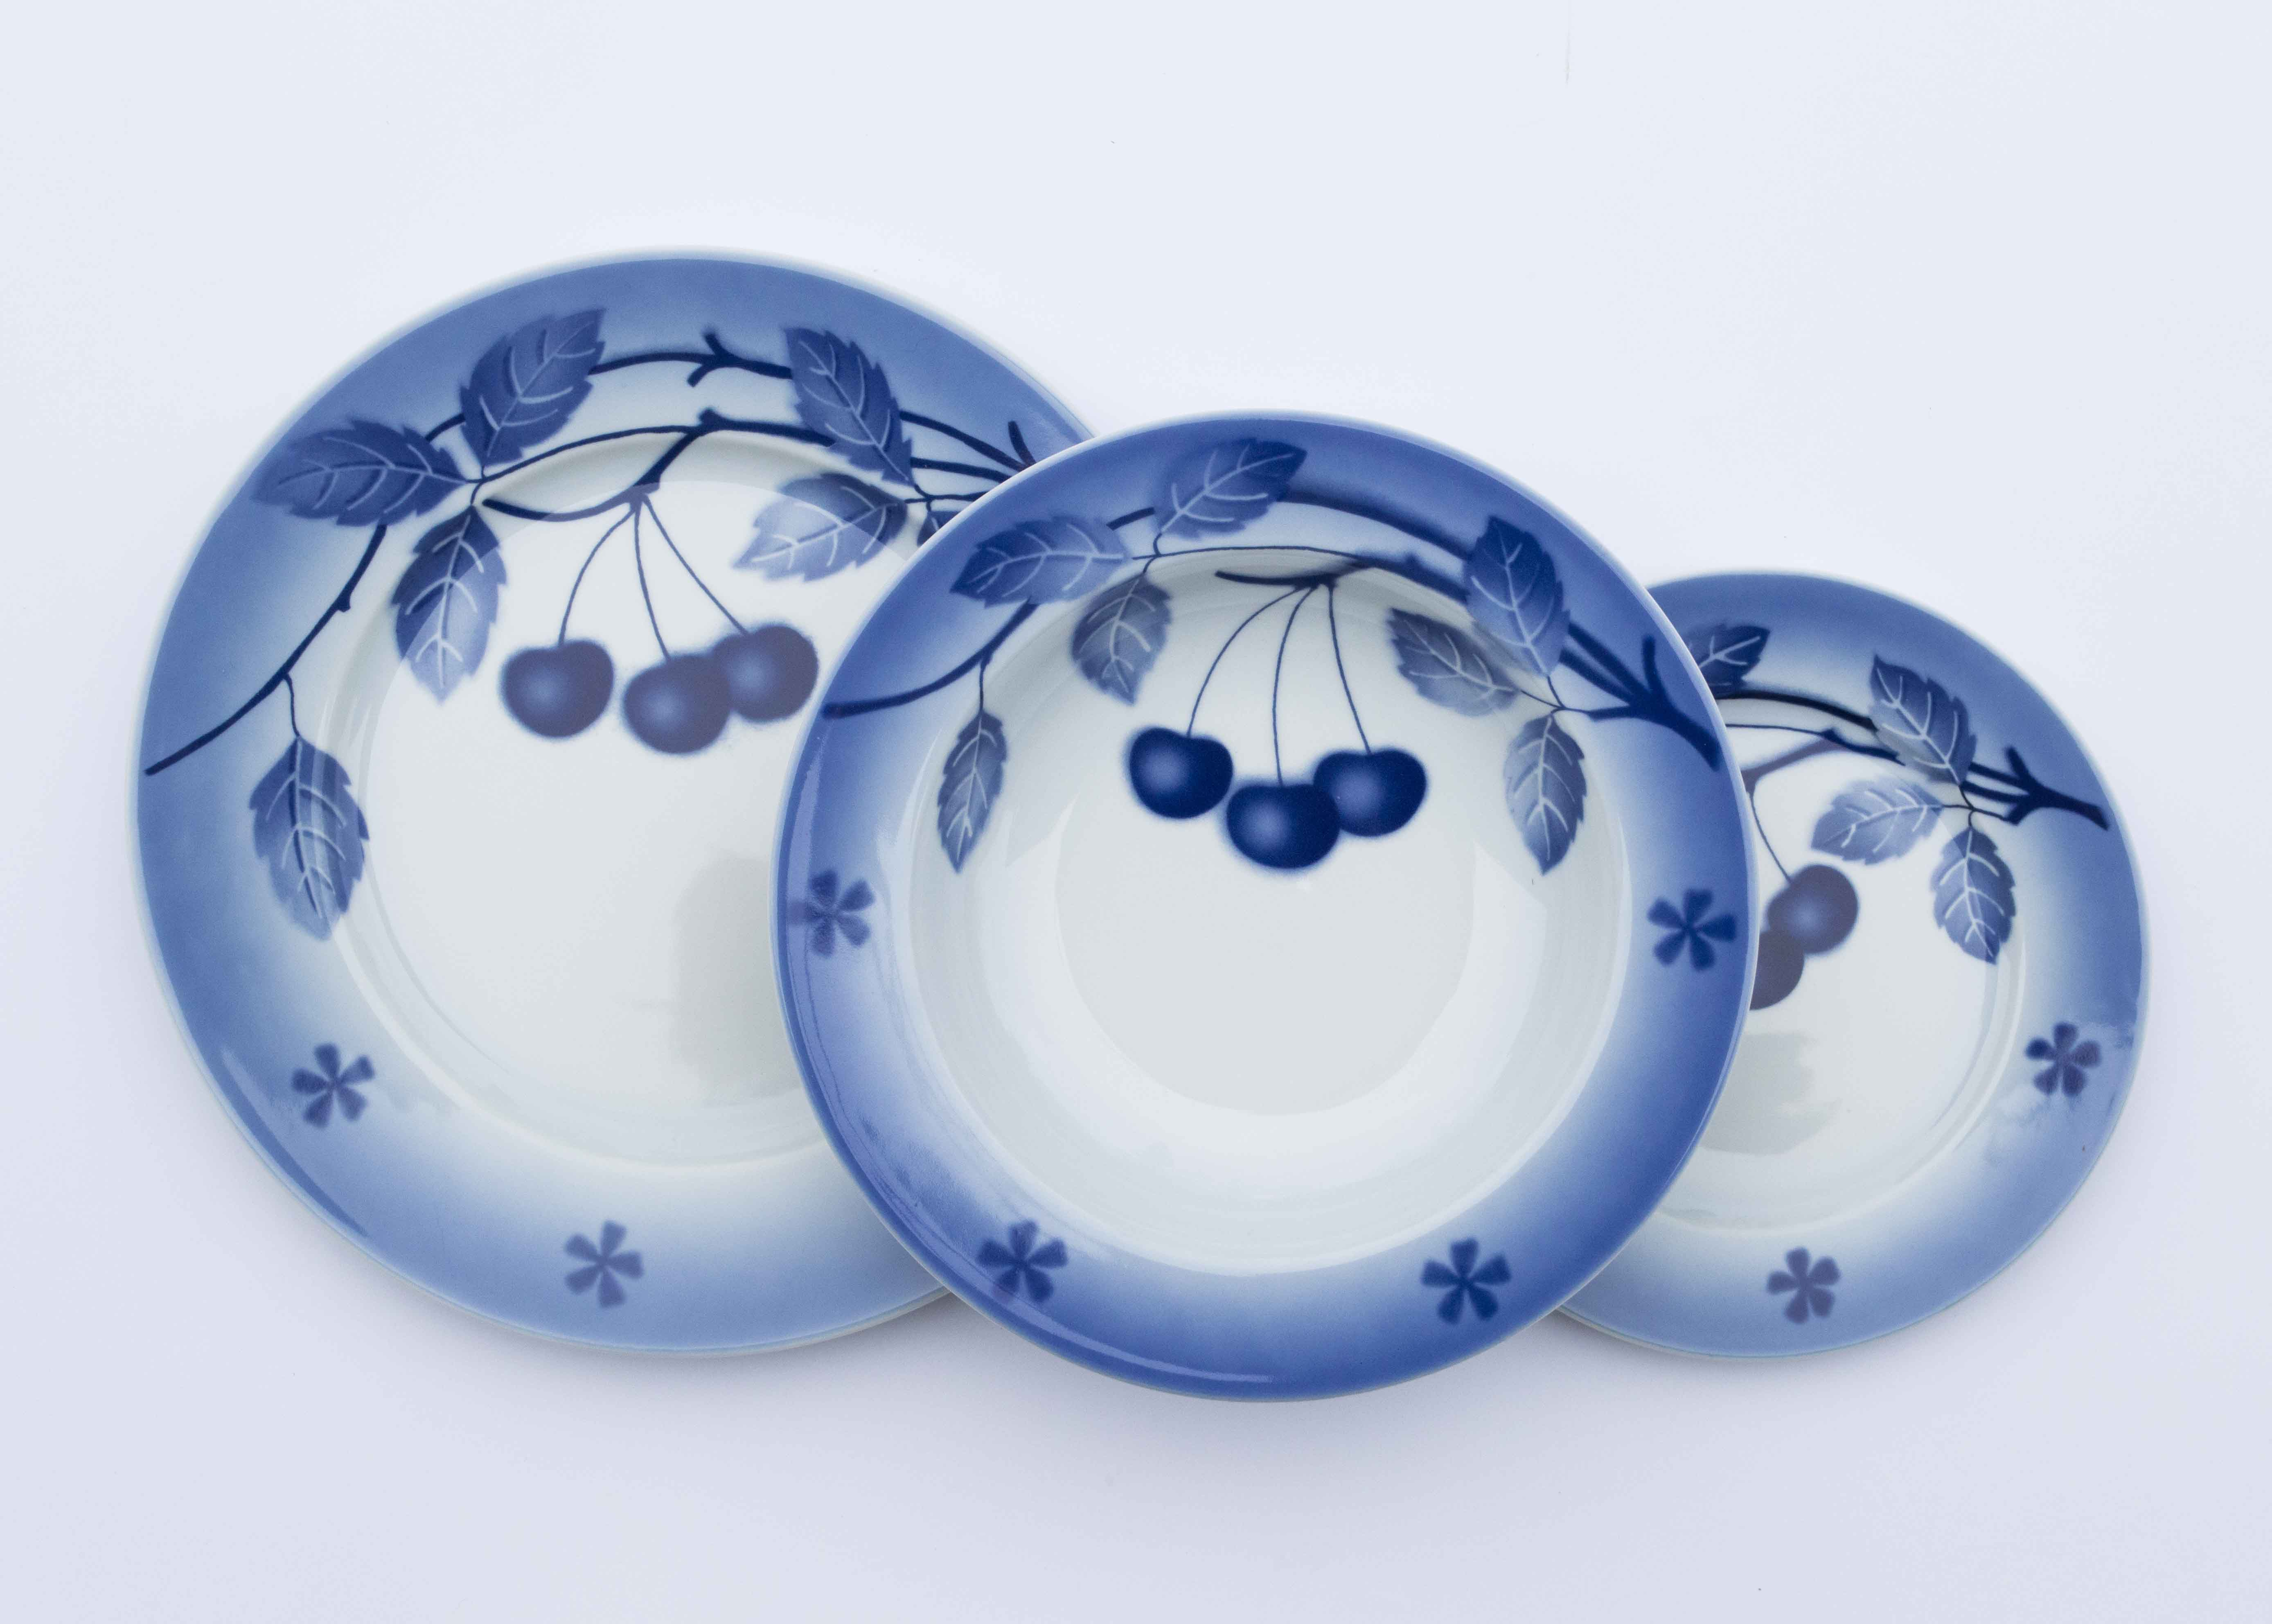 Modré třešně, karlovarský porcelán, Thun, talířová sada, 18 dílná